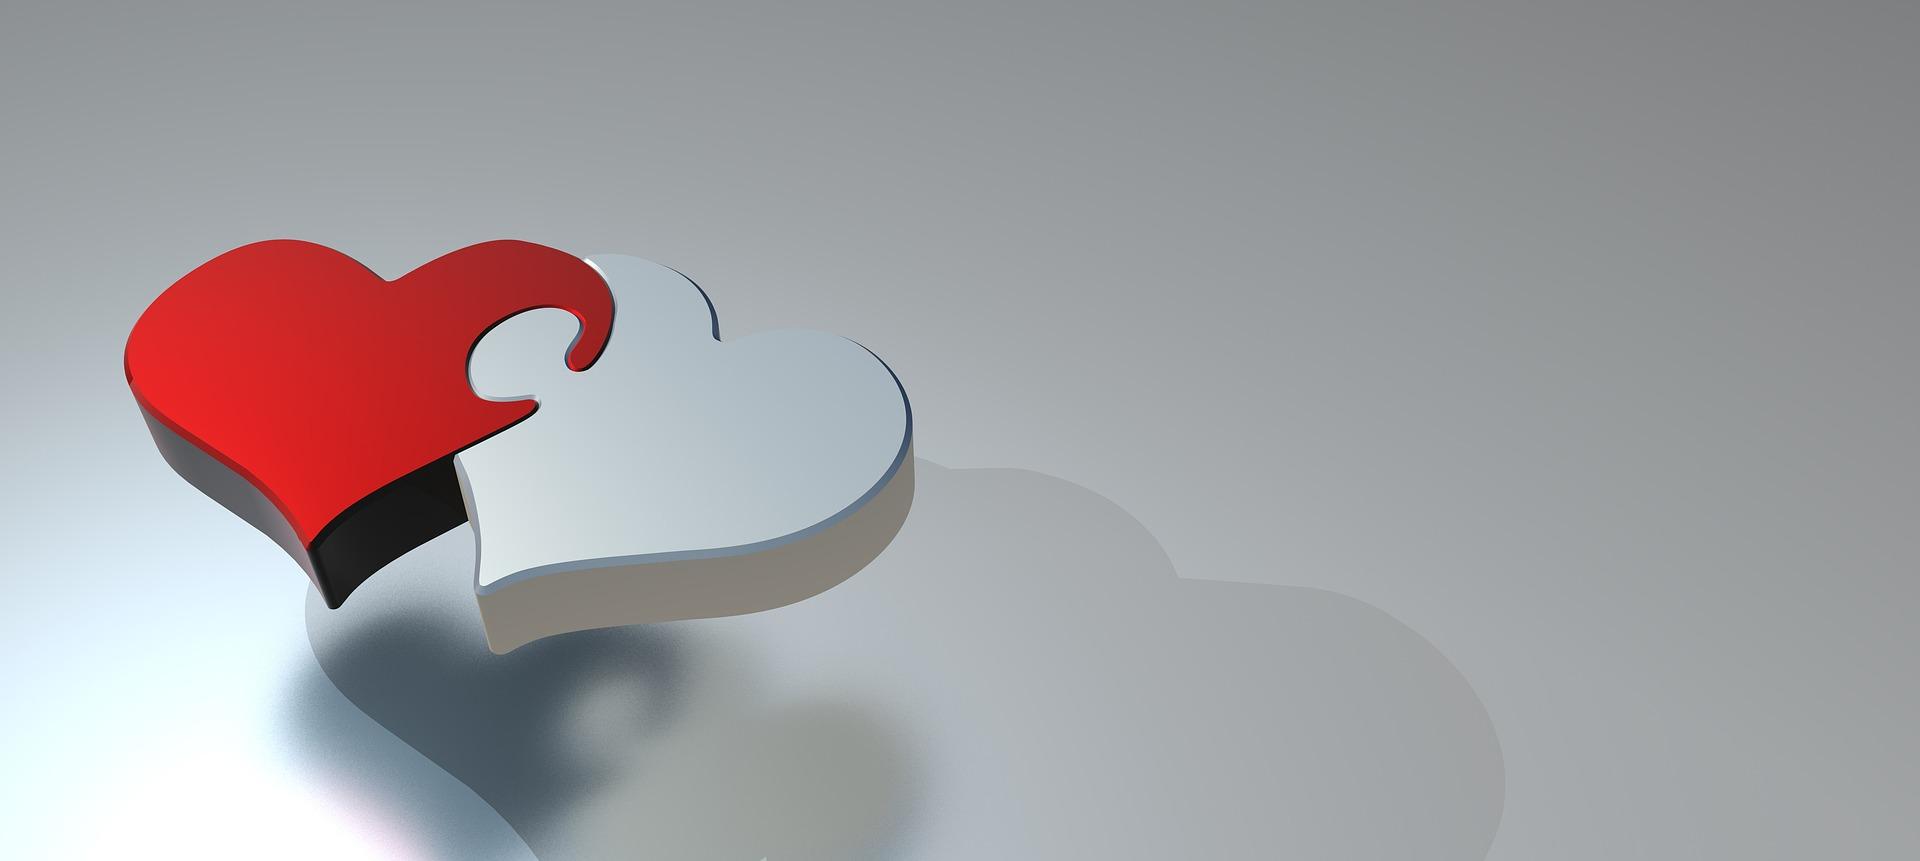 ハートのパズル・絆のイメージ画像